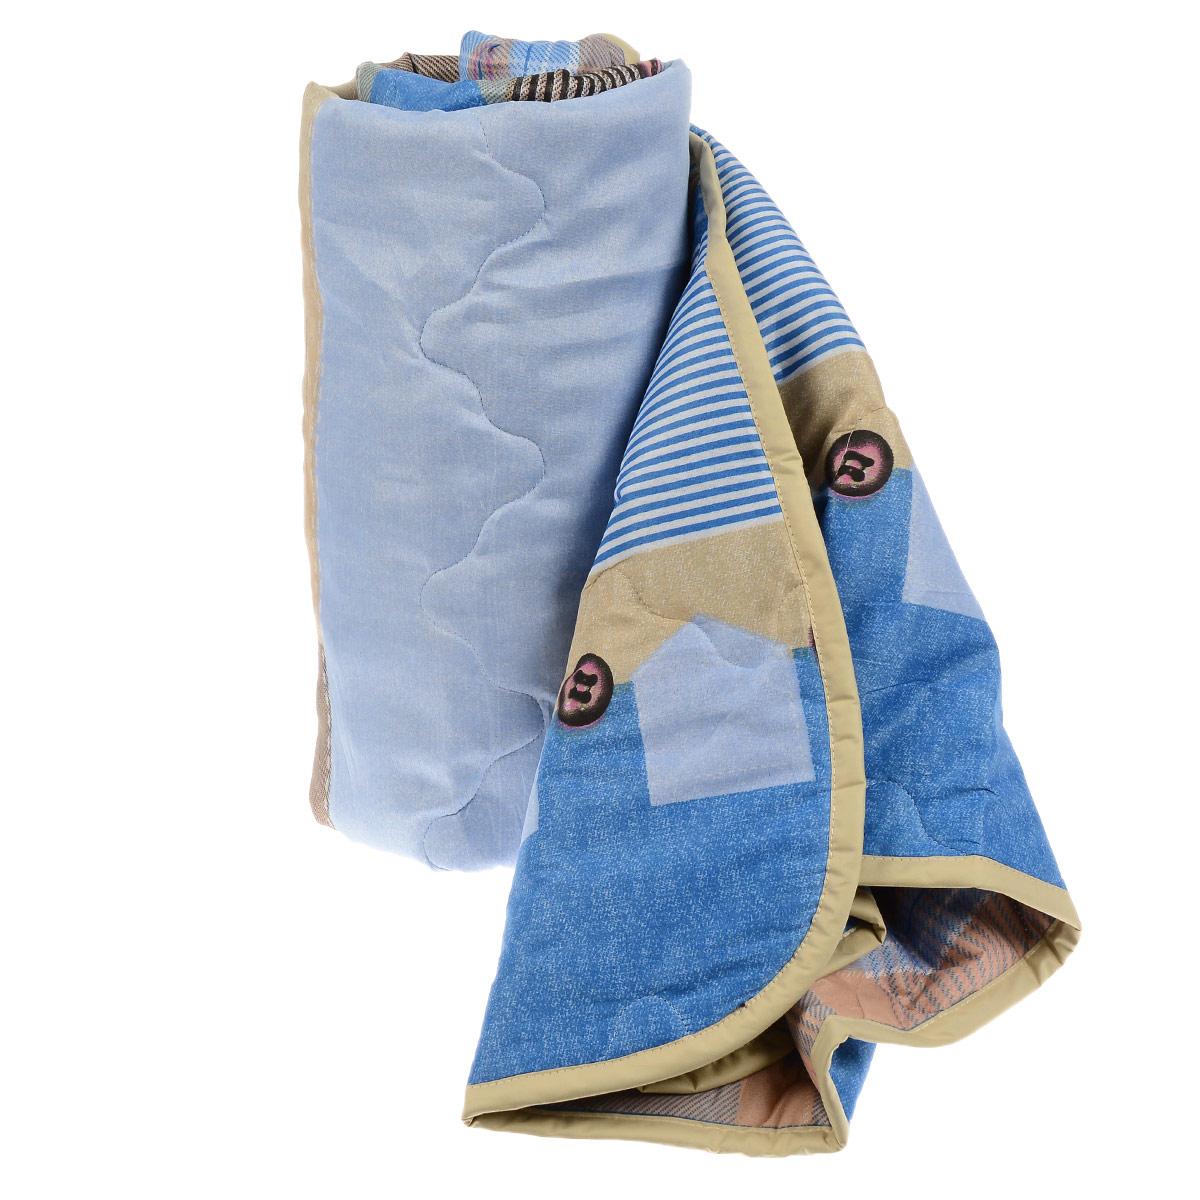 Одеяло всесезонное OL-Tex Miotex, наполнитель: полиэфирное волокно Holfiteks, цвет: голубой, бежевый, 140 см х 205 смМХПЭ-15-3 голубойВсесезонное одеяло OL-Tex Miotex создаст комфорт и уют во время сна. Стеганый чехол выполнен из полиэстера и оформлен красочным рисунком. Внутри - современный наполнитель из полиэфирного высокосиликонизированного волокна Holfiteks, упругий и качественный. Холфитекс - современный экологически чистый синтетический материал, изготовленный по новейшим технологиям. Его уникальность заключается в расположении волокон, которые позволяют моментально восстанавливать форму и сохранять ее долгое время. Изделия с использованием Холфитекса очень удобны в эксплуатации - их можно часто стирать без потери потребительских свойств, они быстро высыхают, не впитывают запахов и совершенно гиппоаллергенны. Холфитекс также обеспечивает хорошую терморегуляцию, поэтому изделия с наполнителем из холфитекса очень комфортны в использовании. Одеяло с современным упругим наполнителем Холфитекс порадует вас в любое время года. Оно комфортно согревает и создает отличный микроклимат. За одеялом легко ухаживать, можно стирать в стиральной машинке.Рекомендации по уходу:- Ручная и машинная стирка при температуре 30°С.- Не гладить.- Не отбеливать. - Нельзя отжимать и сушить в стиральной машине.- Сушить вертикально. Размер одеяла: 140 см х 205 см. Материал чехла: 100% полиэстер. Материал наполнителя: полиэфирное высокосиликонизированное волокно Holfiteks. Плотность наполнителя: 300 г/м2.